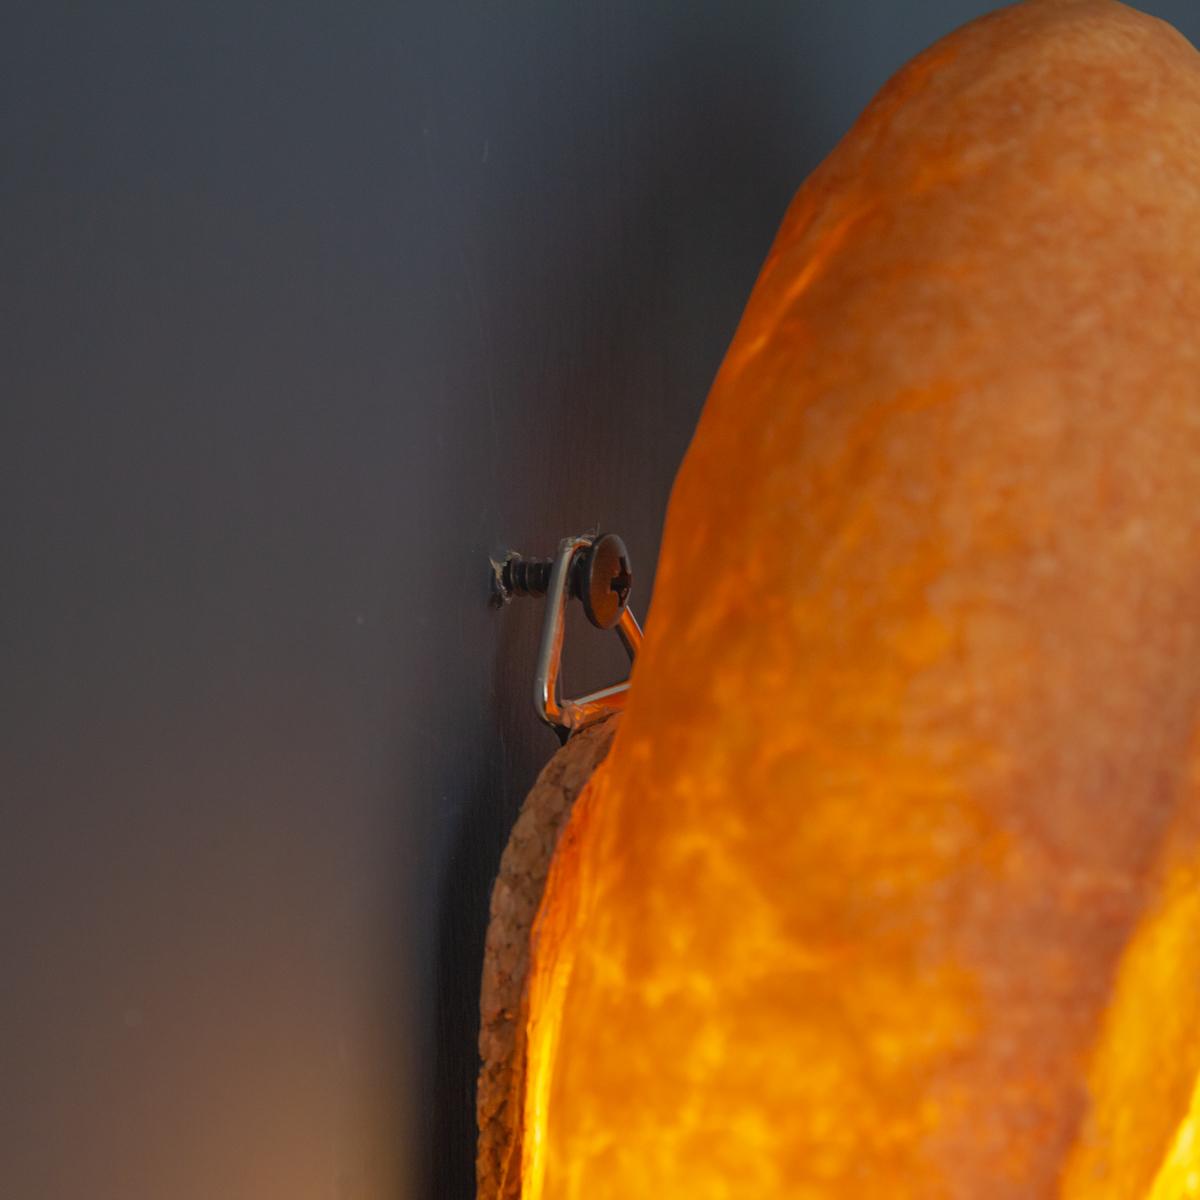 すぐに明かりを点けたい時にとても便利。置くだけで明かりのオンオフができる「ライト・ランプ・間接照明」|モリタ製パン所「パンプシェード」